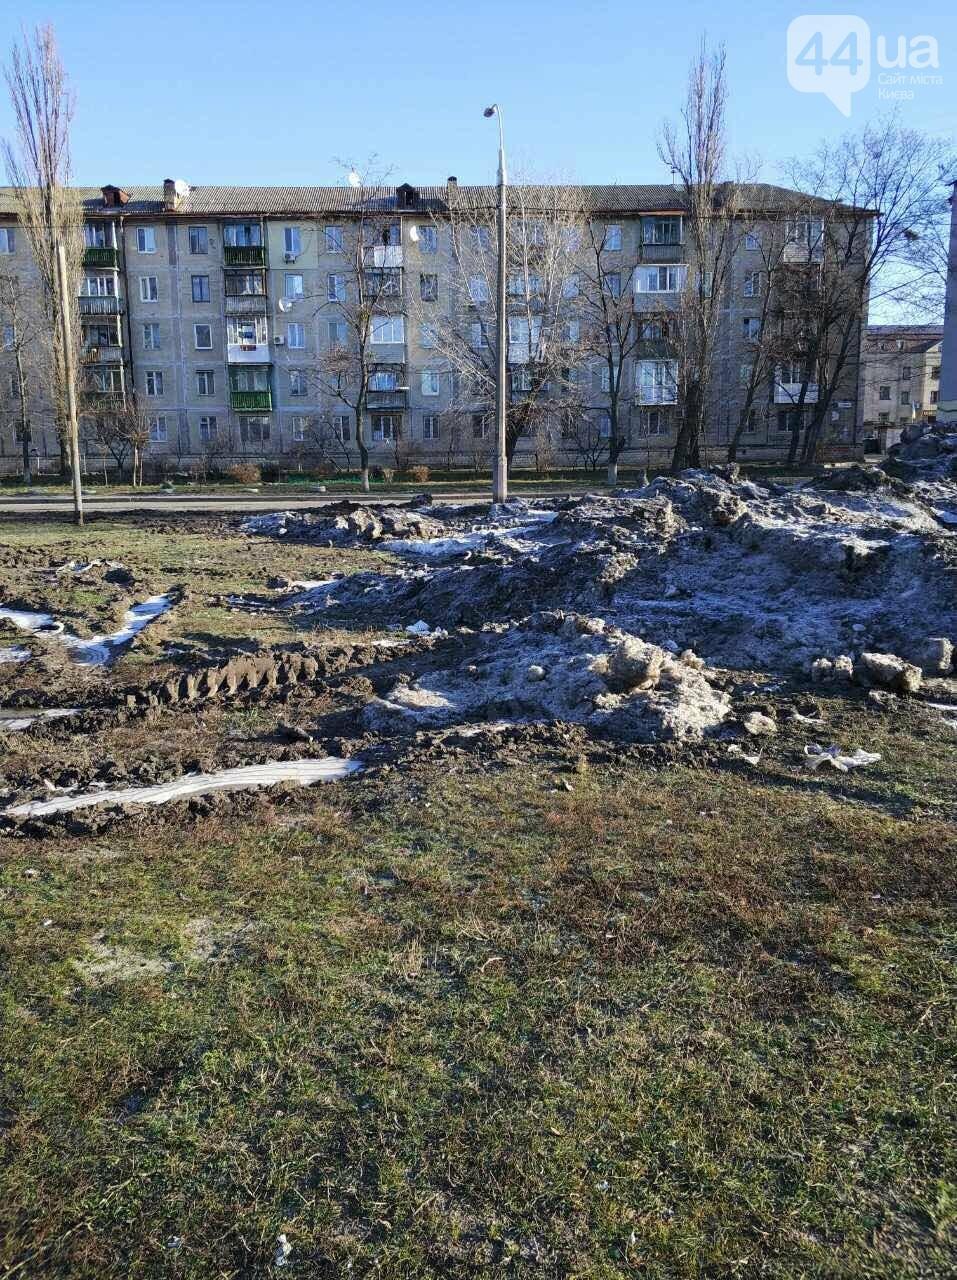 В Киеве под жилой дом скидывают снег с мусором (ФОТОФАКТ) , фото-1